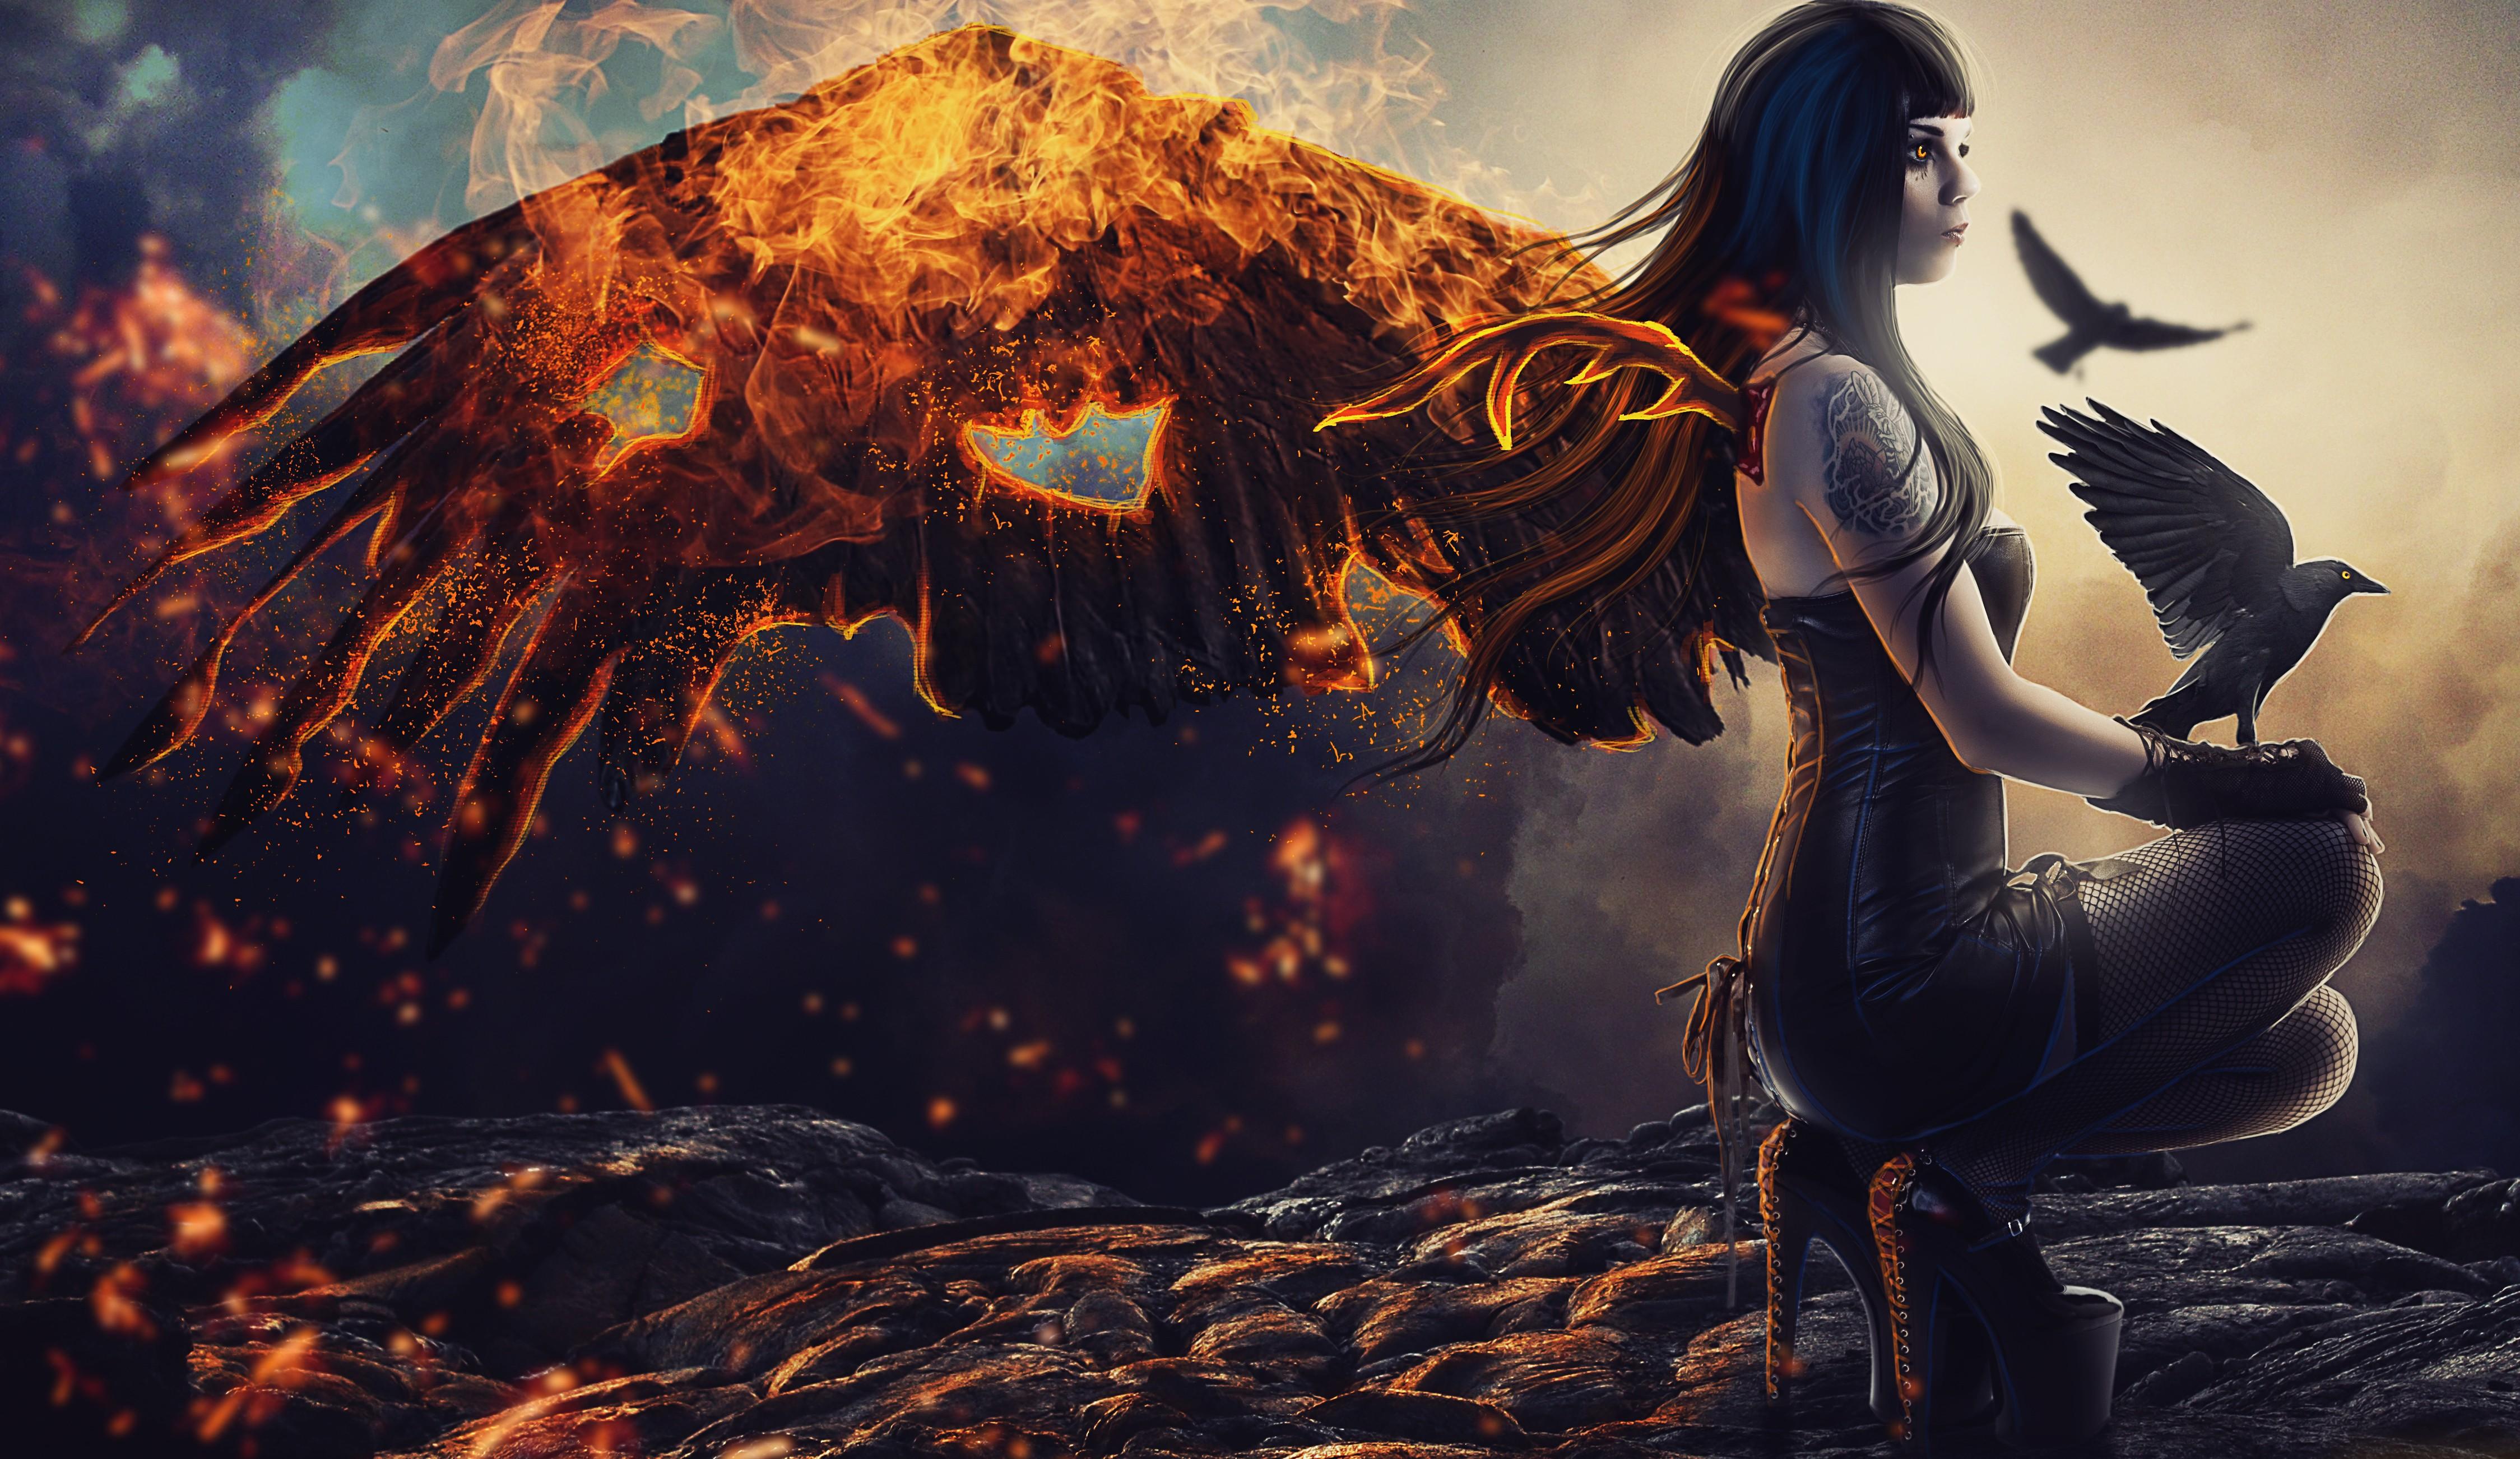 Raven Girl Artwork 5k, HD Artist, 4k Wallpapers, Images ...